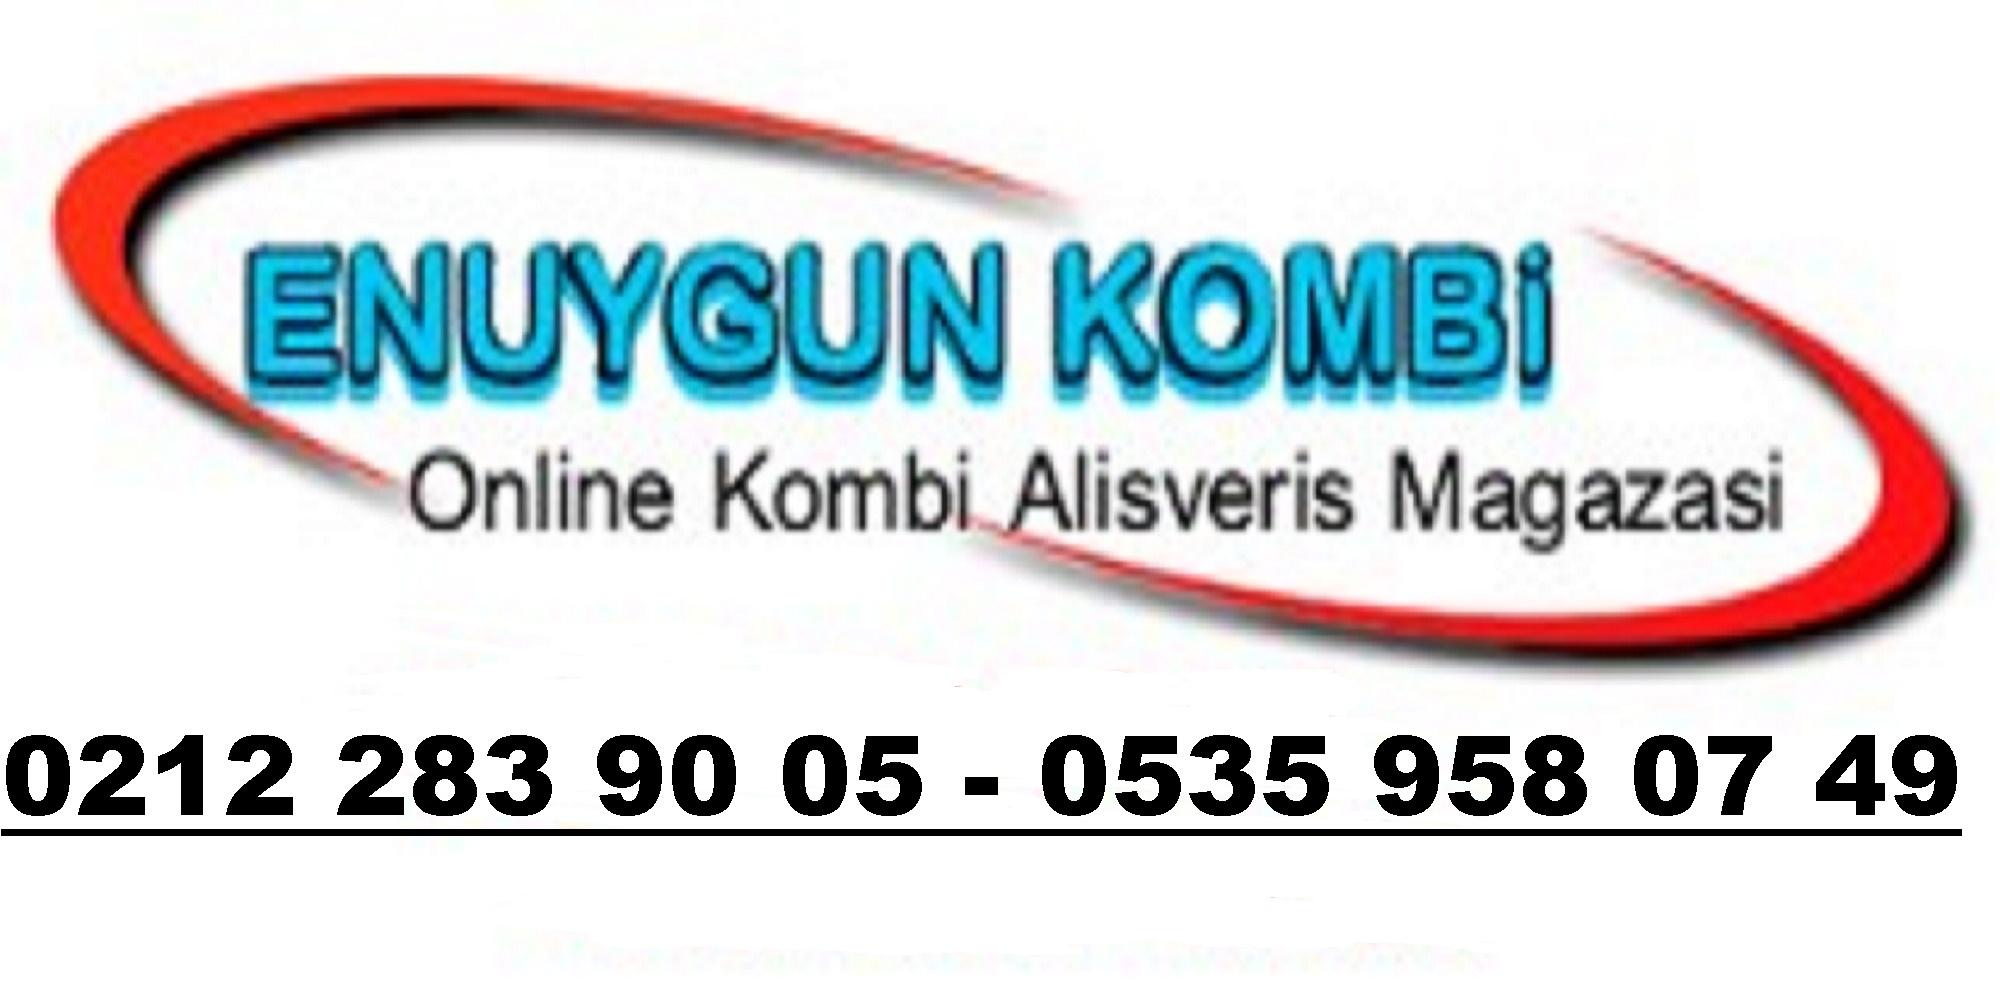 Anasayfa Logomuz